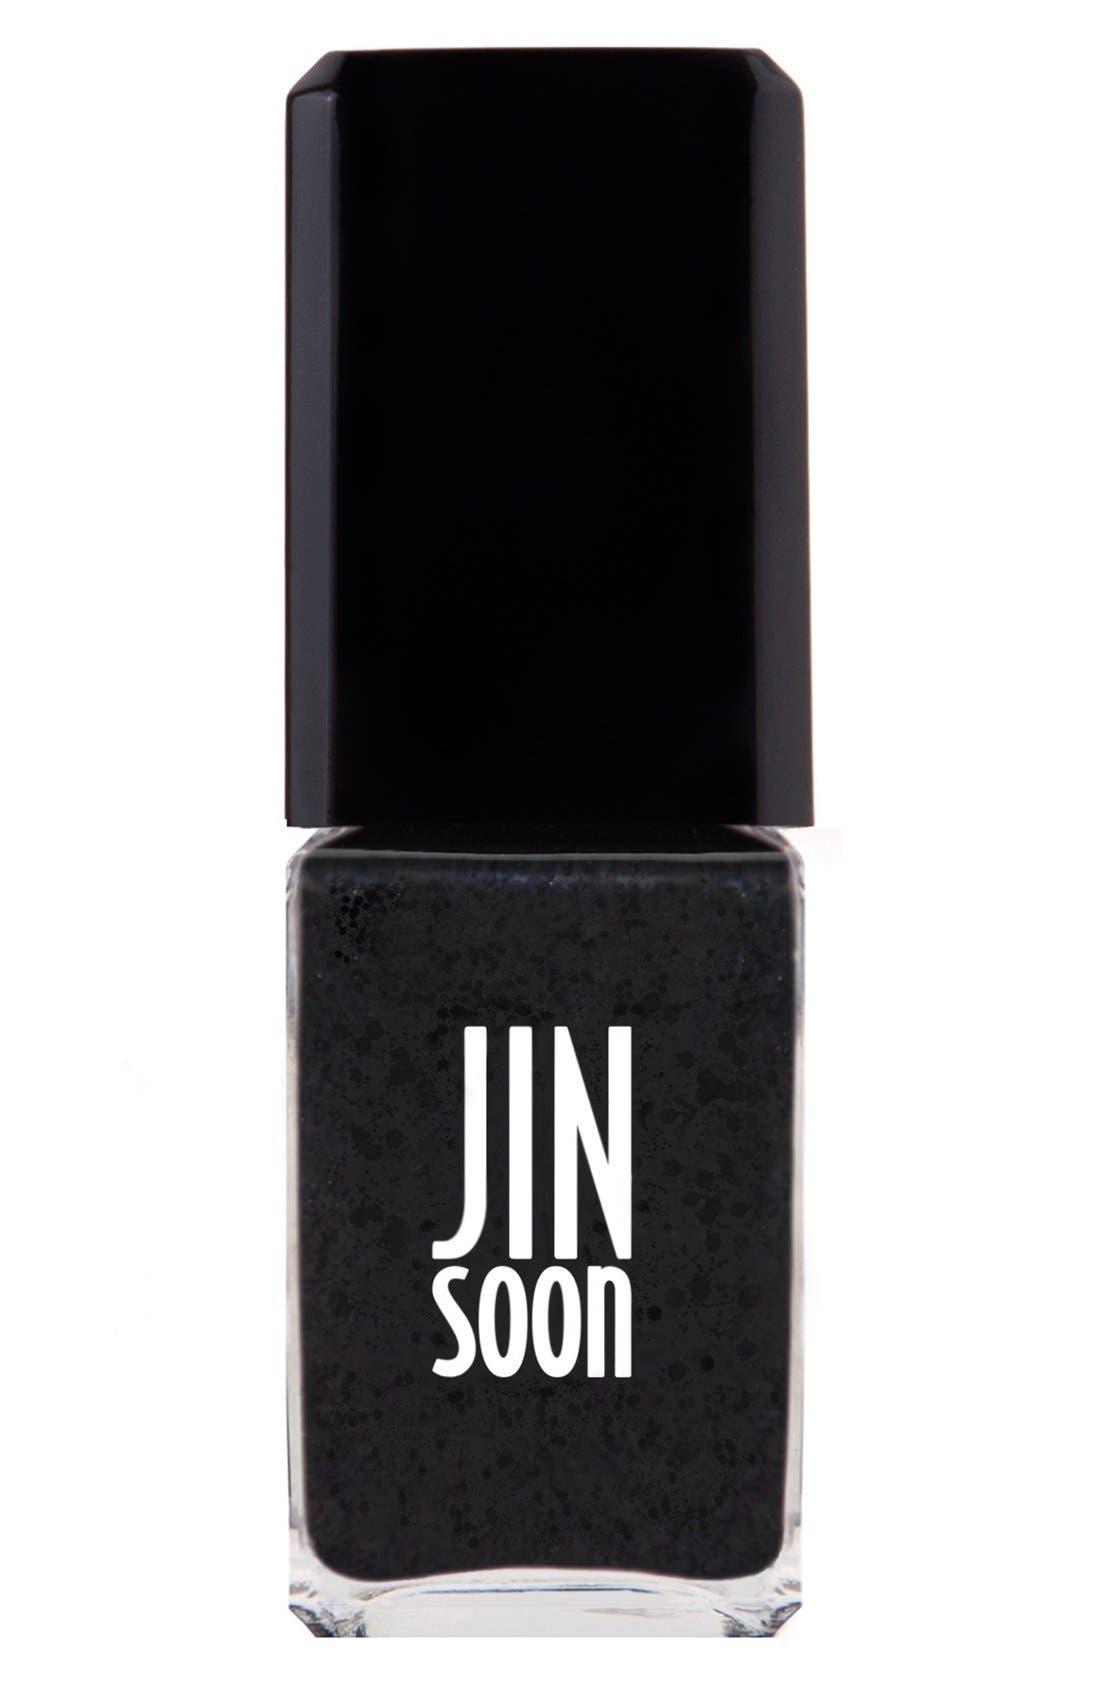 JINsoon 'Polka Black' Nail Lacquer